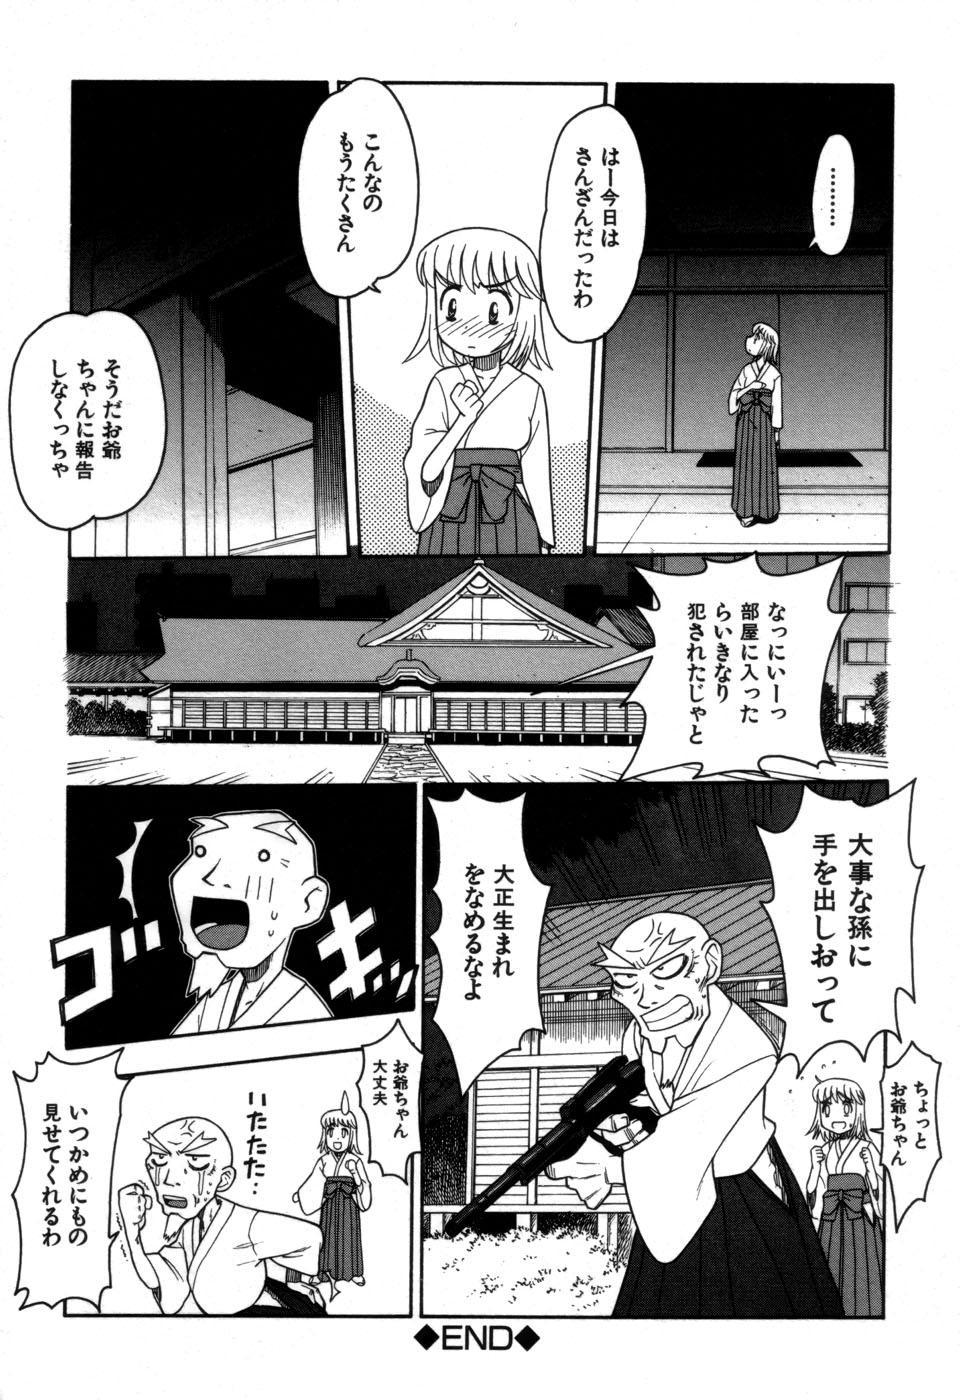 Imouto no Hiasobi 157